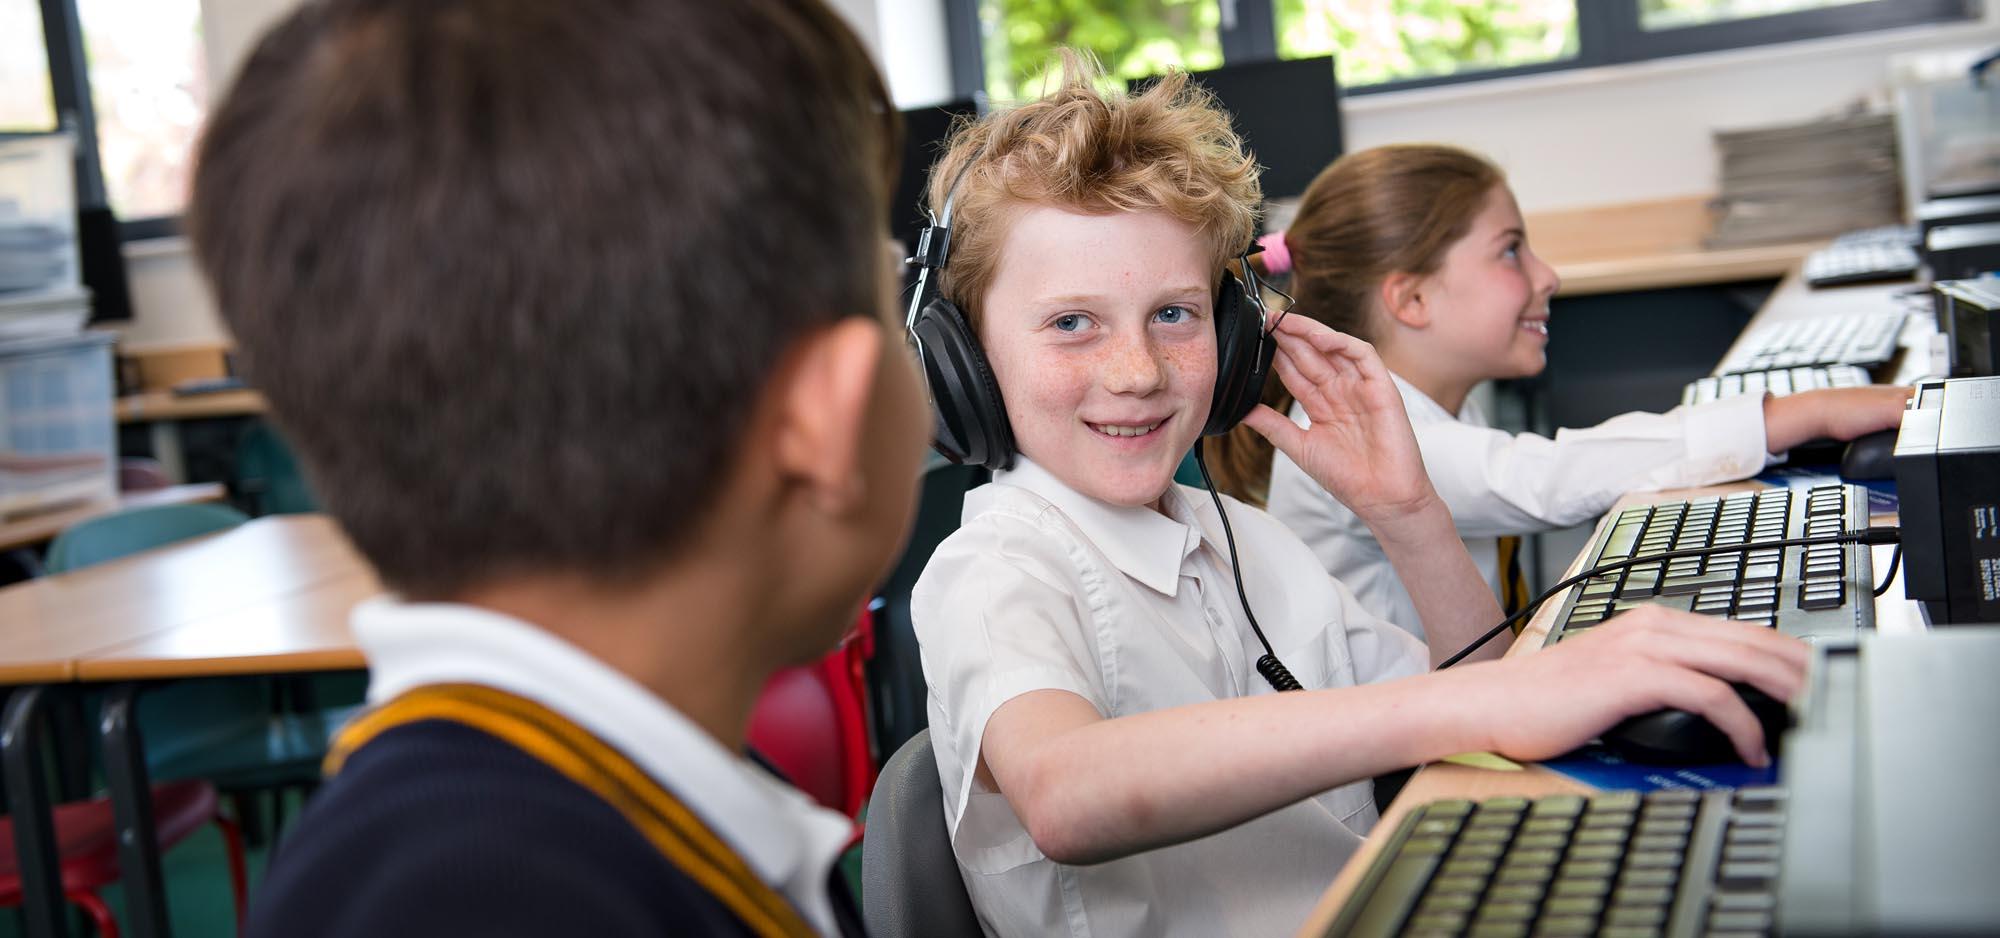 boy-headphones-computer